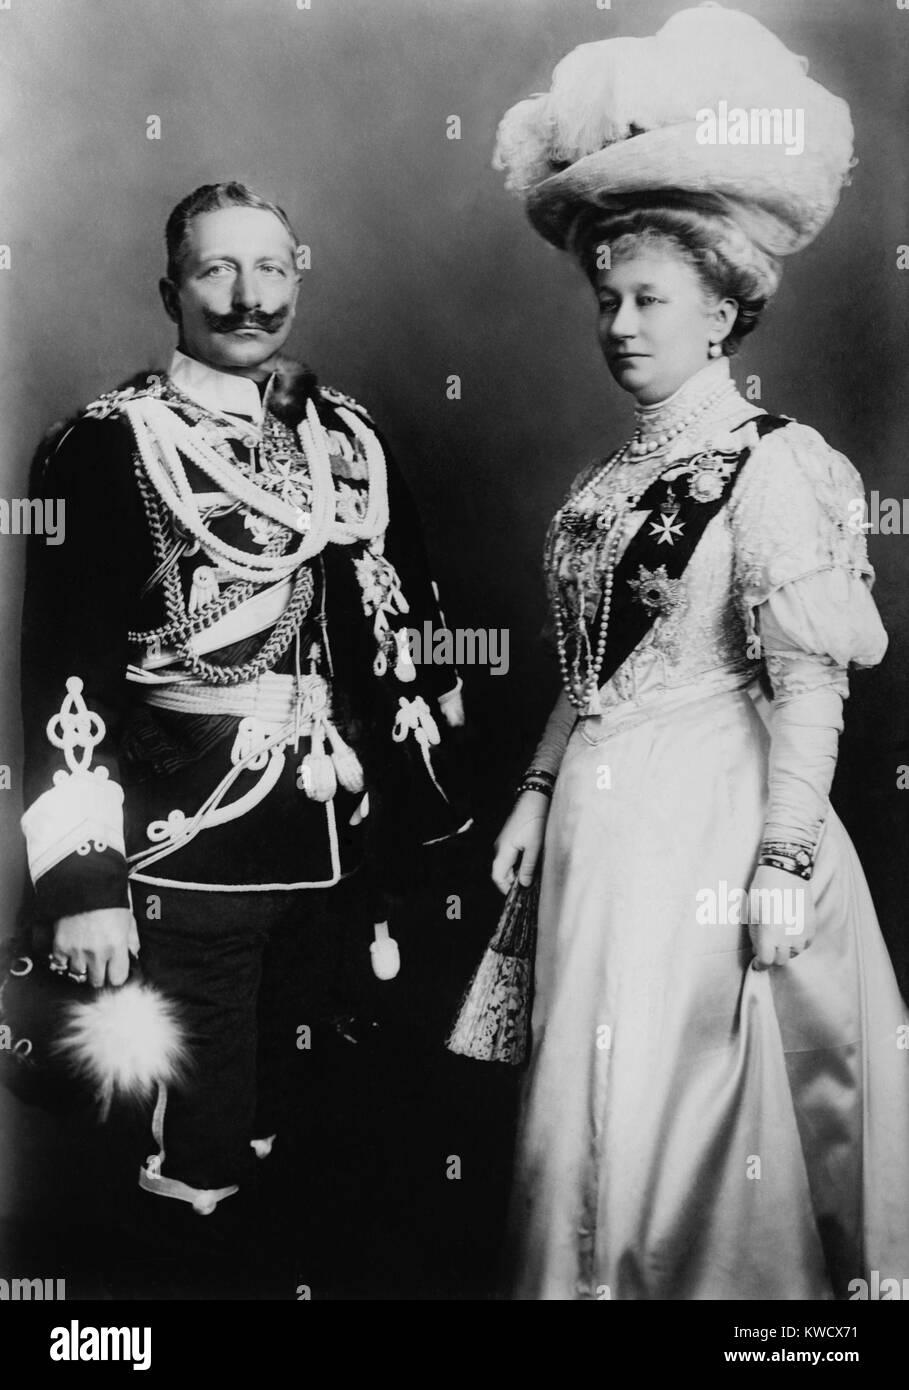 L'empereur Guillaume II, empereur allemand, et son épouse, Augusta Victoria. Photo a été prise, Photo Stock